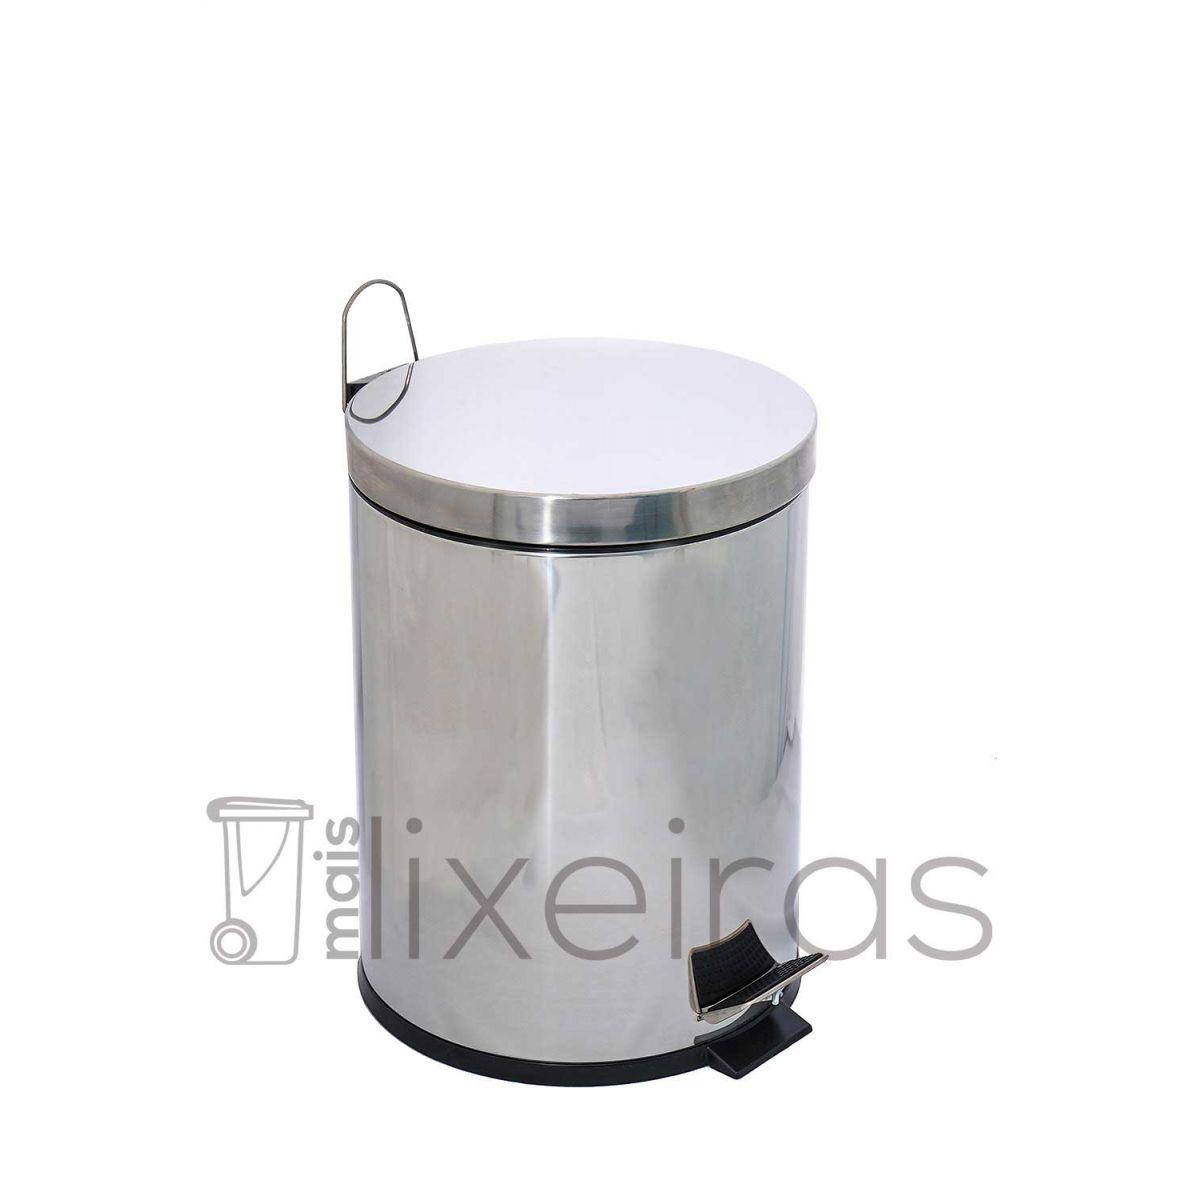 Lixeira inox com tampa e pedal 20 litros